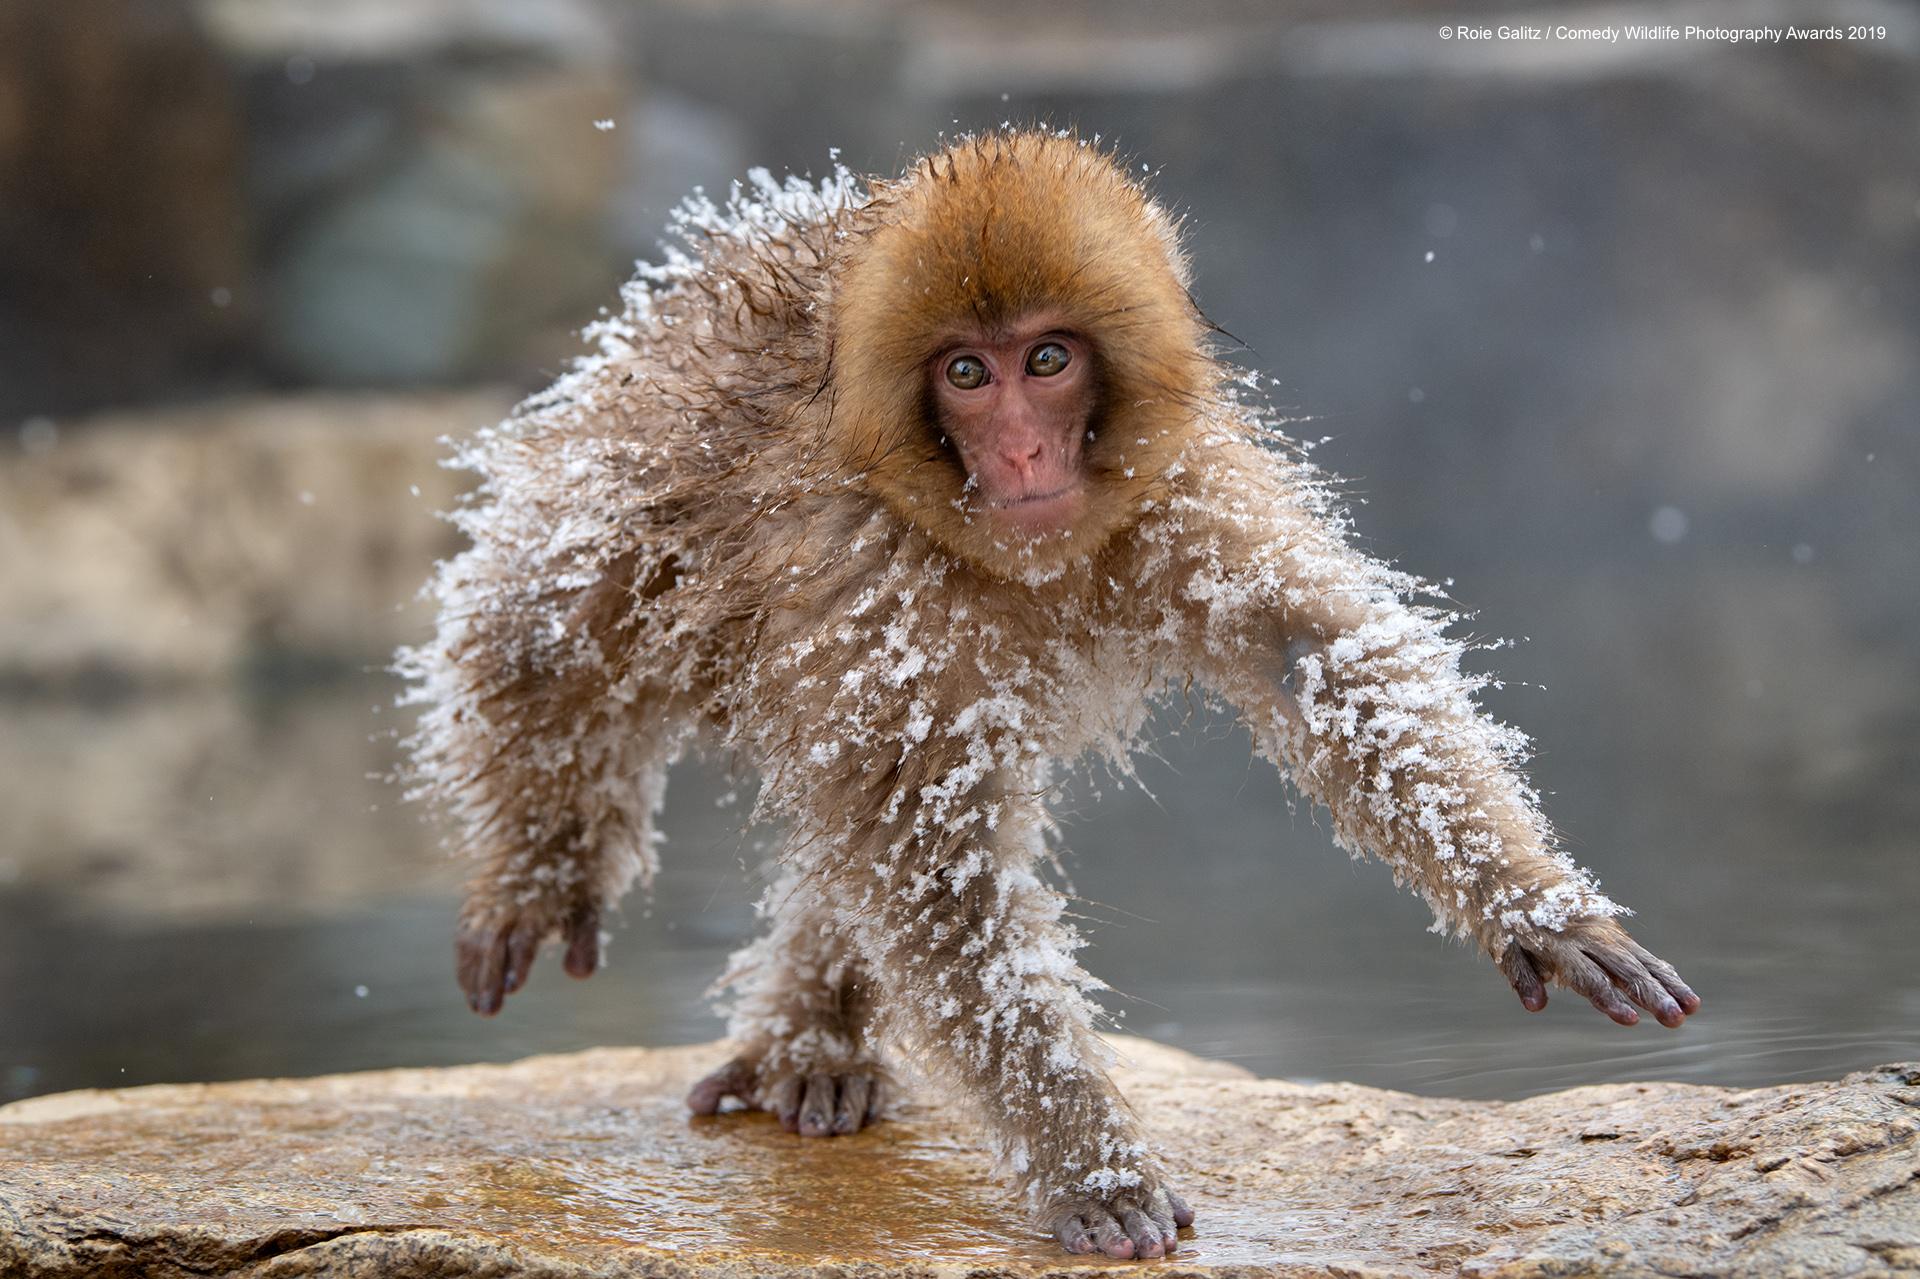 Japanski makaki, nakon malo valjanja po snijegu. Snima Roie Galitz